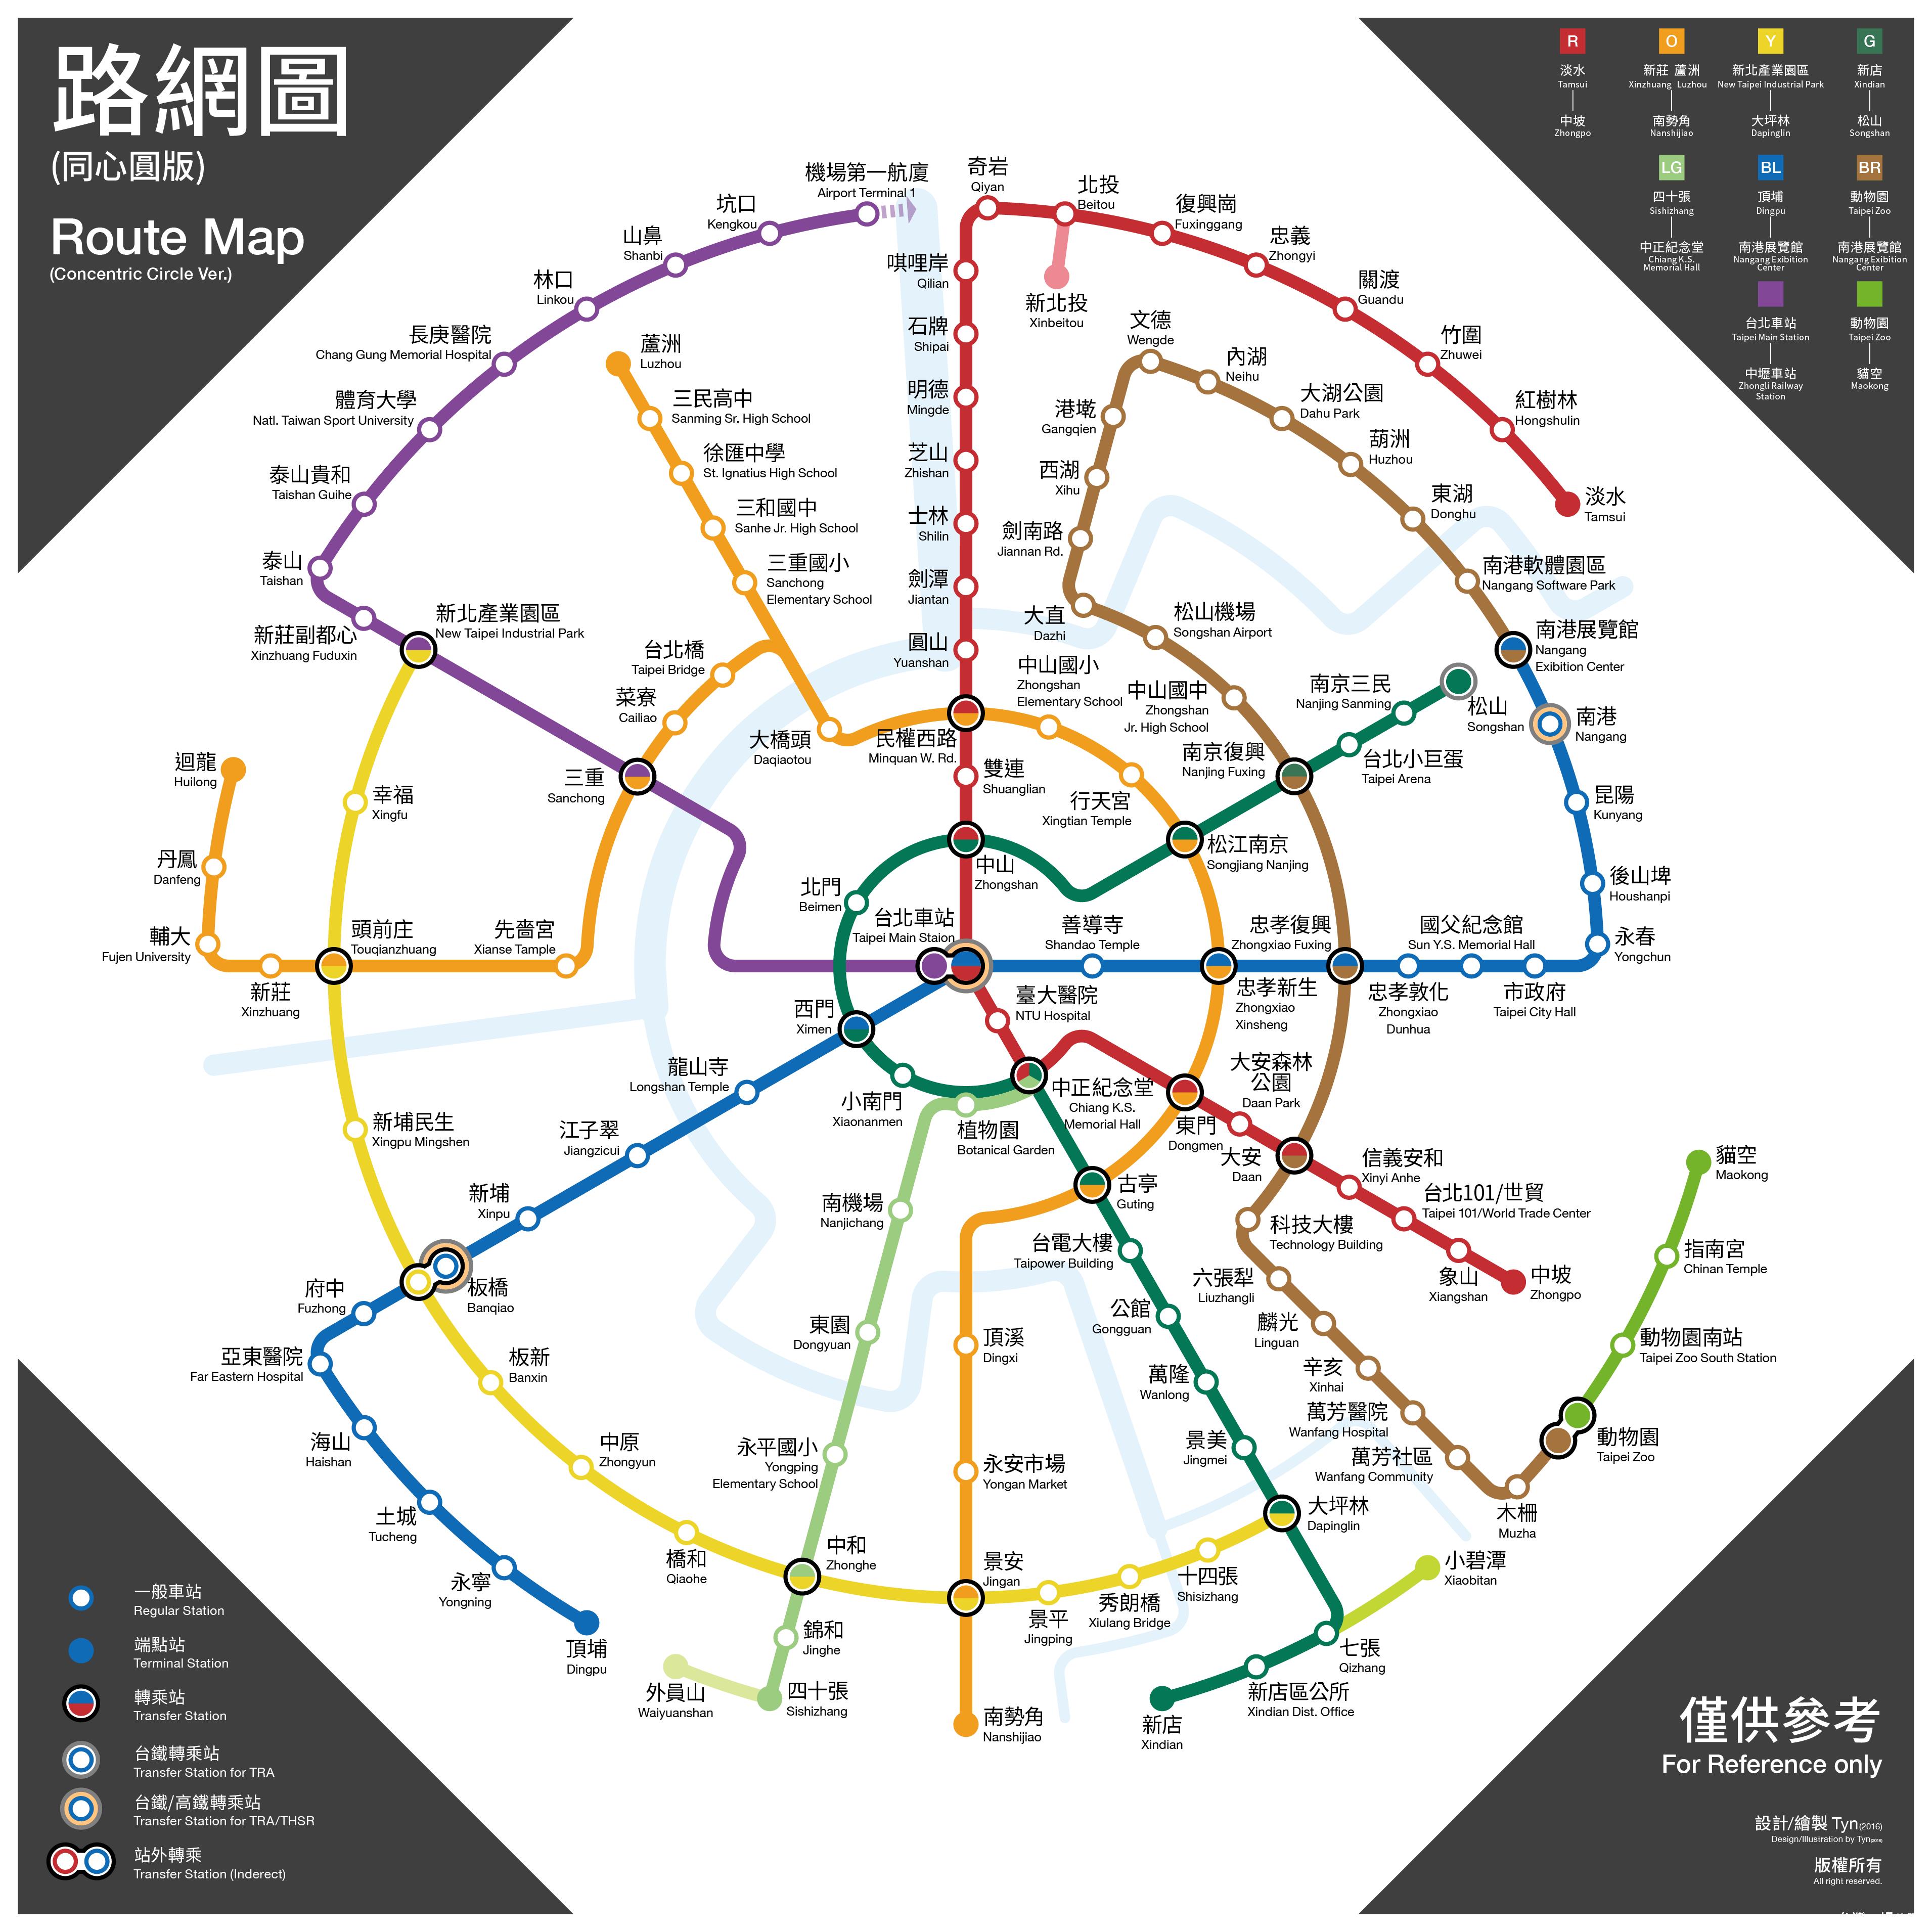 網友設計「同心圓」捷運圖比官方版還「簡單明瞭」 | 台灣好新聞 ...